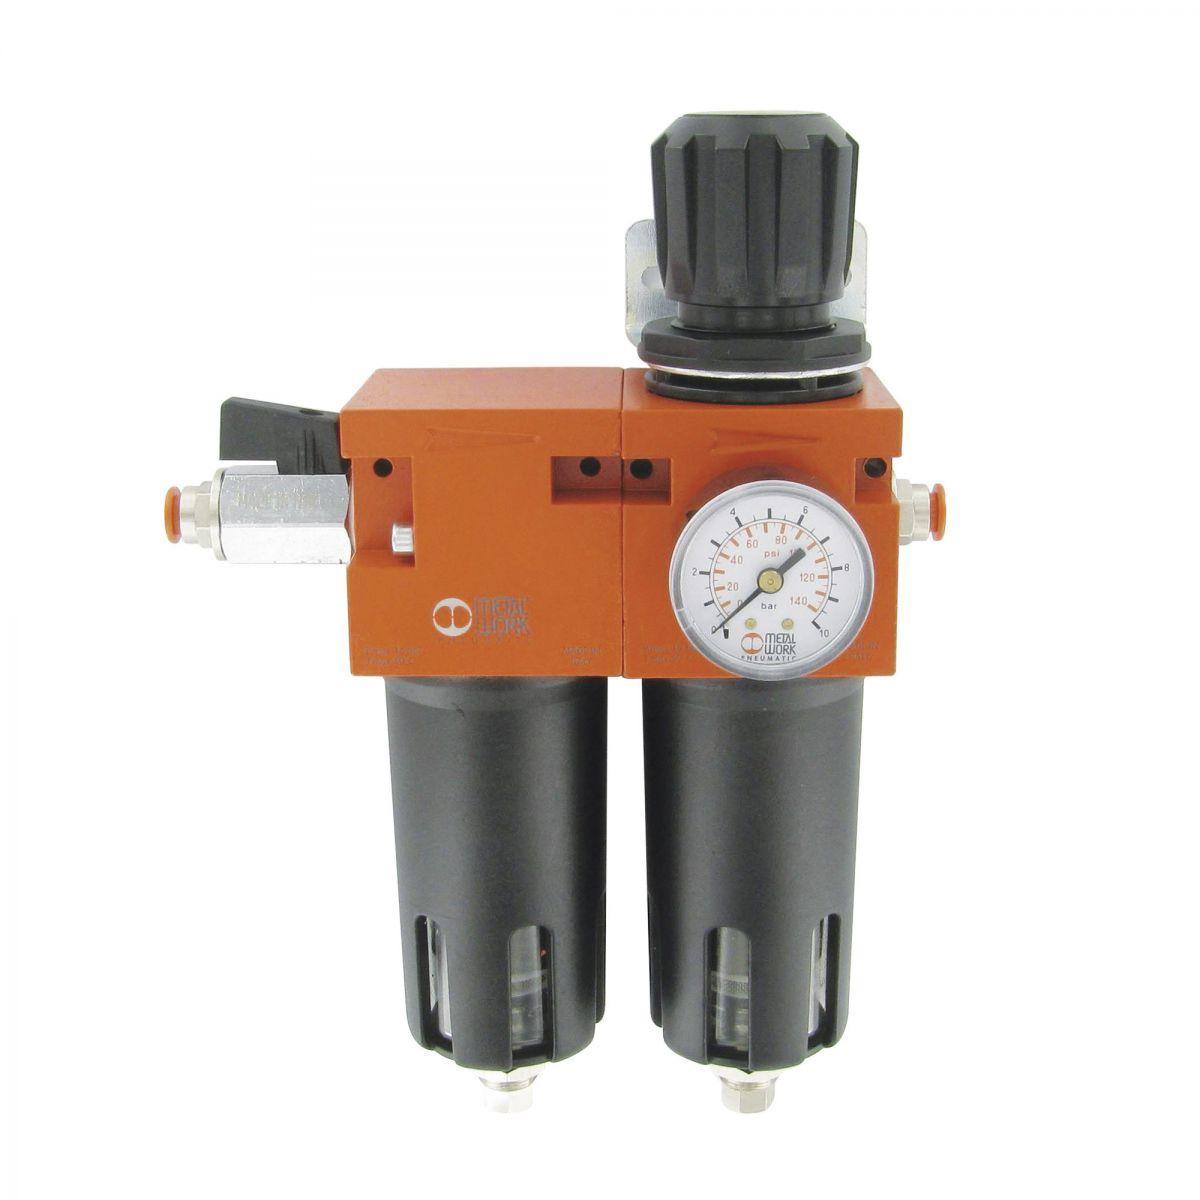 drukregelaar met dubbel filter vochtvanger en automatische wateraflaat